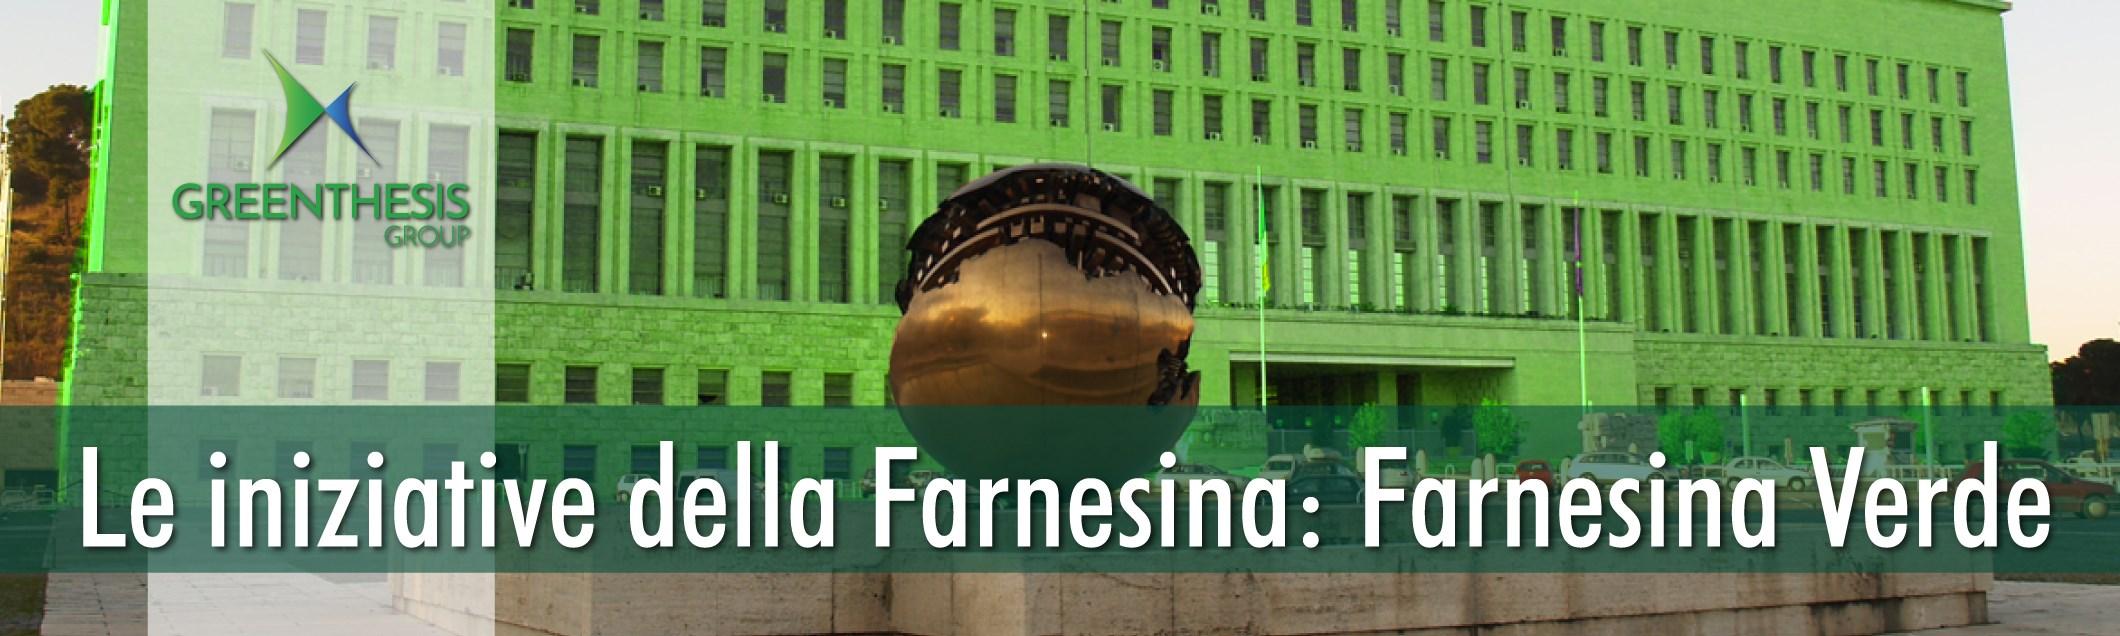 Le iniziative della Farnesina: Farnesina Verde